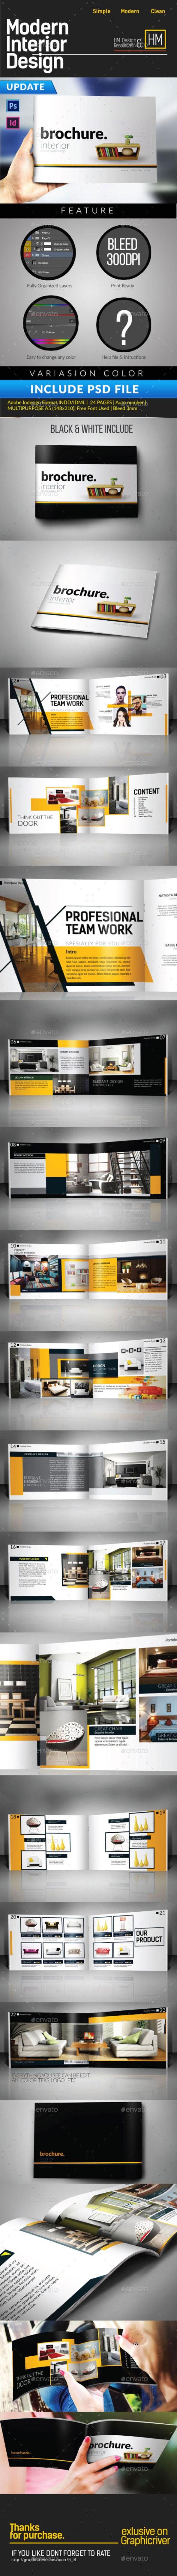 Modern Interior Catalog or Portfolio Design - Catalogs Brochures